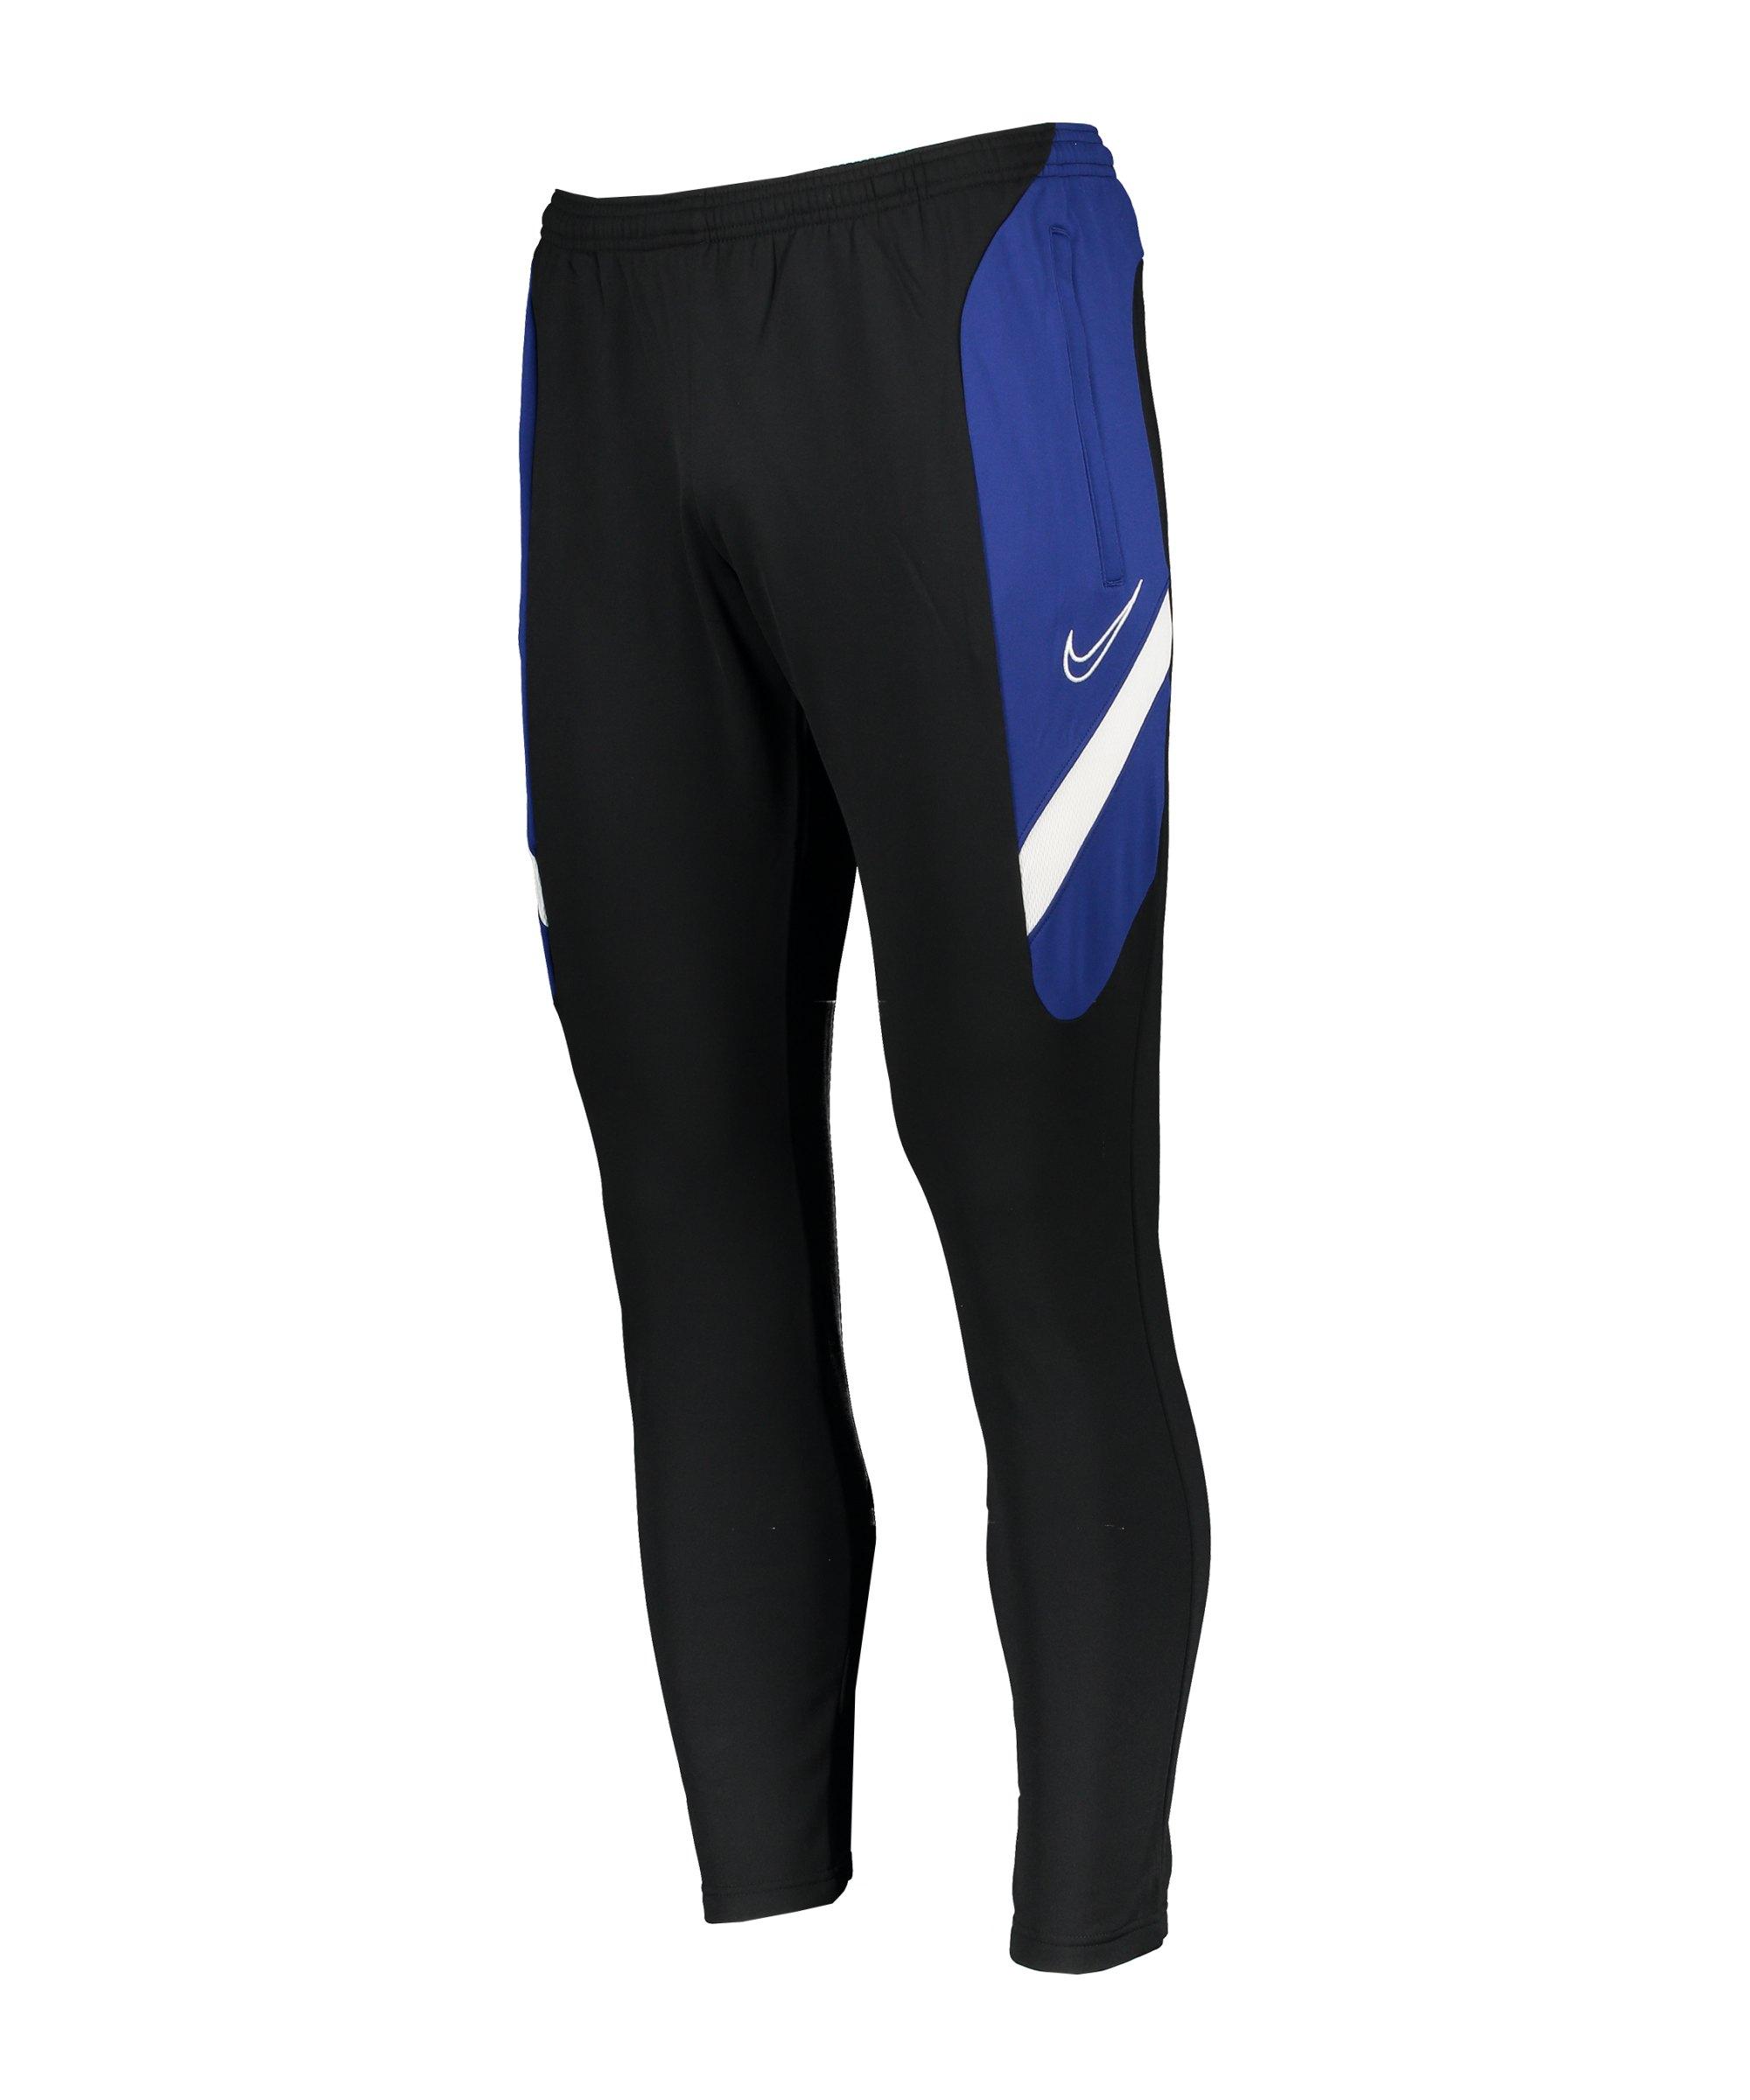 Nike Dry Academy Trainingshose Schwarz F011 - schwarz